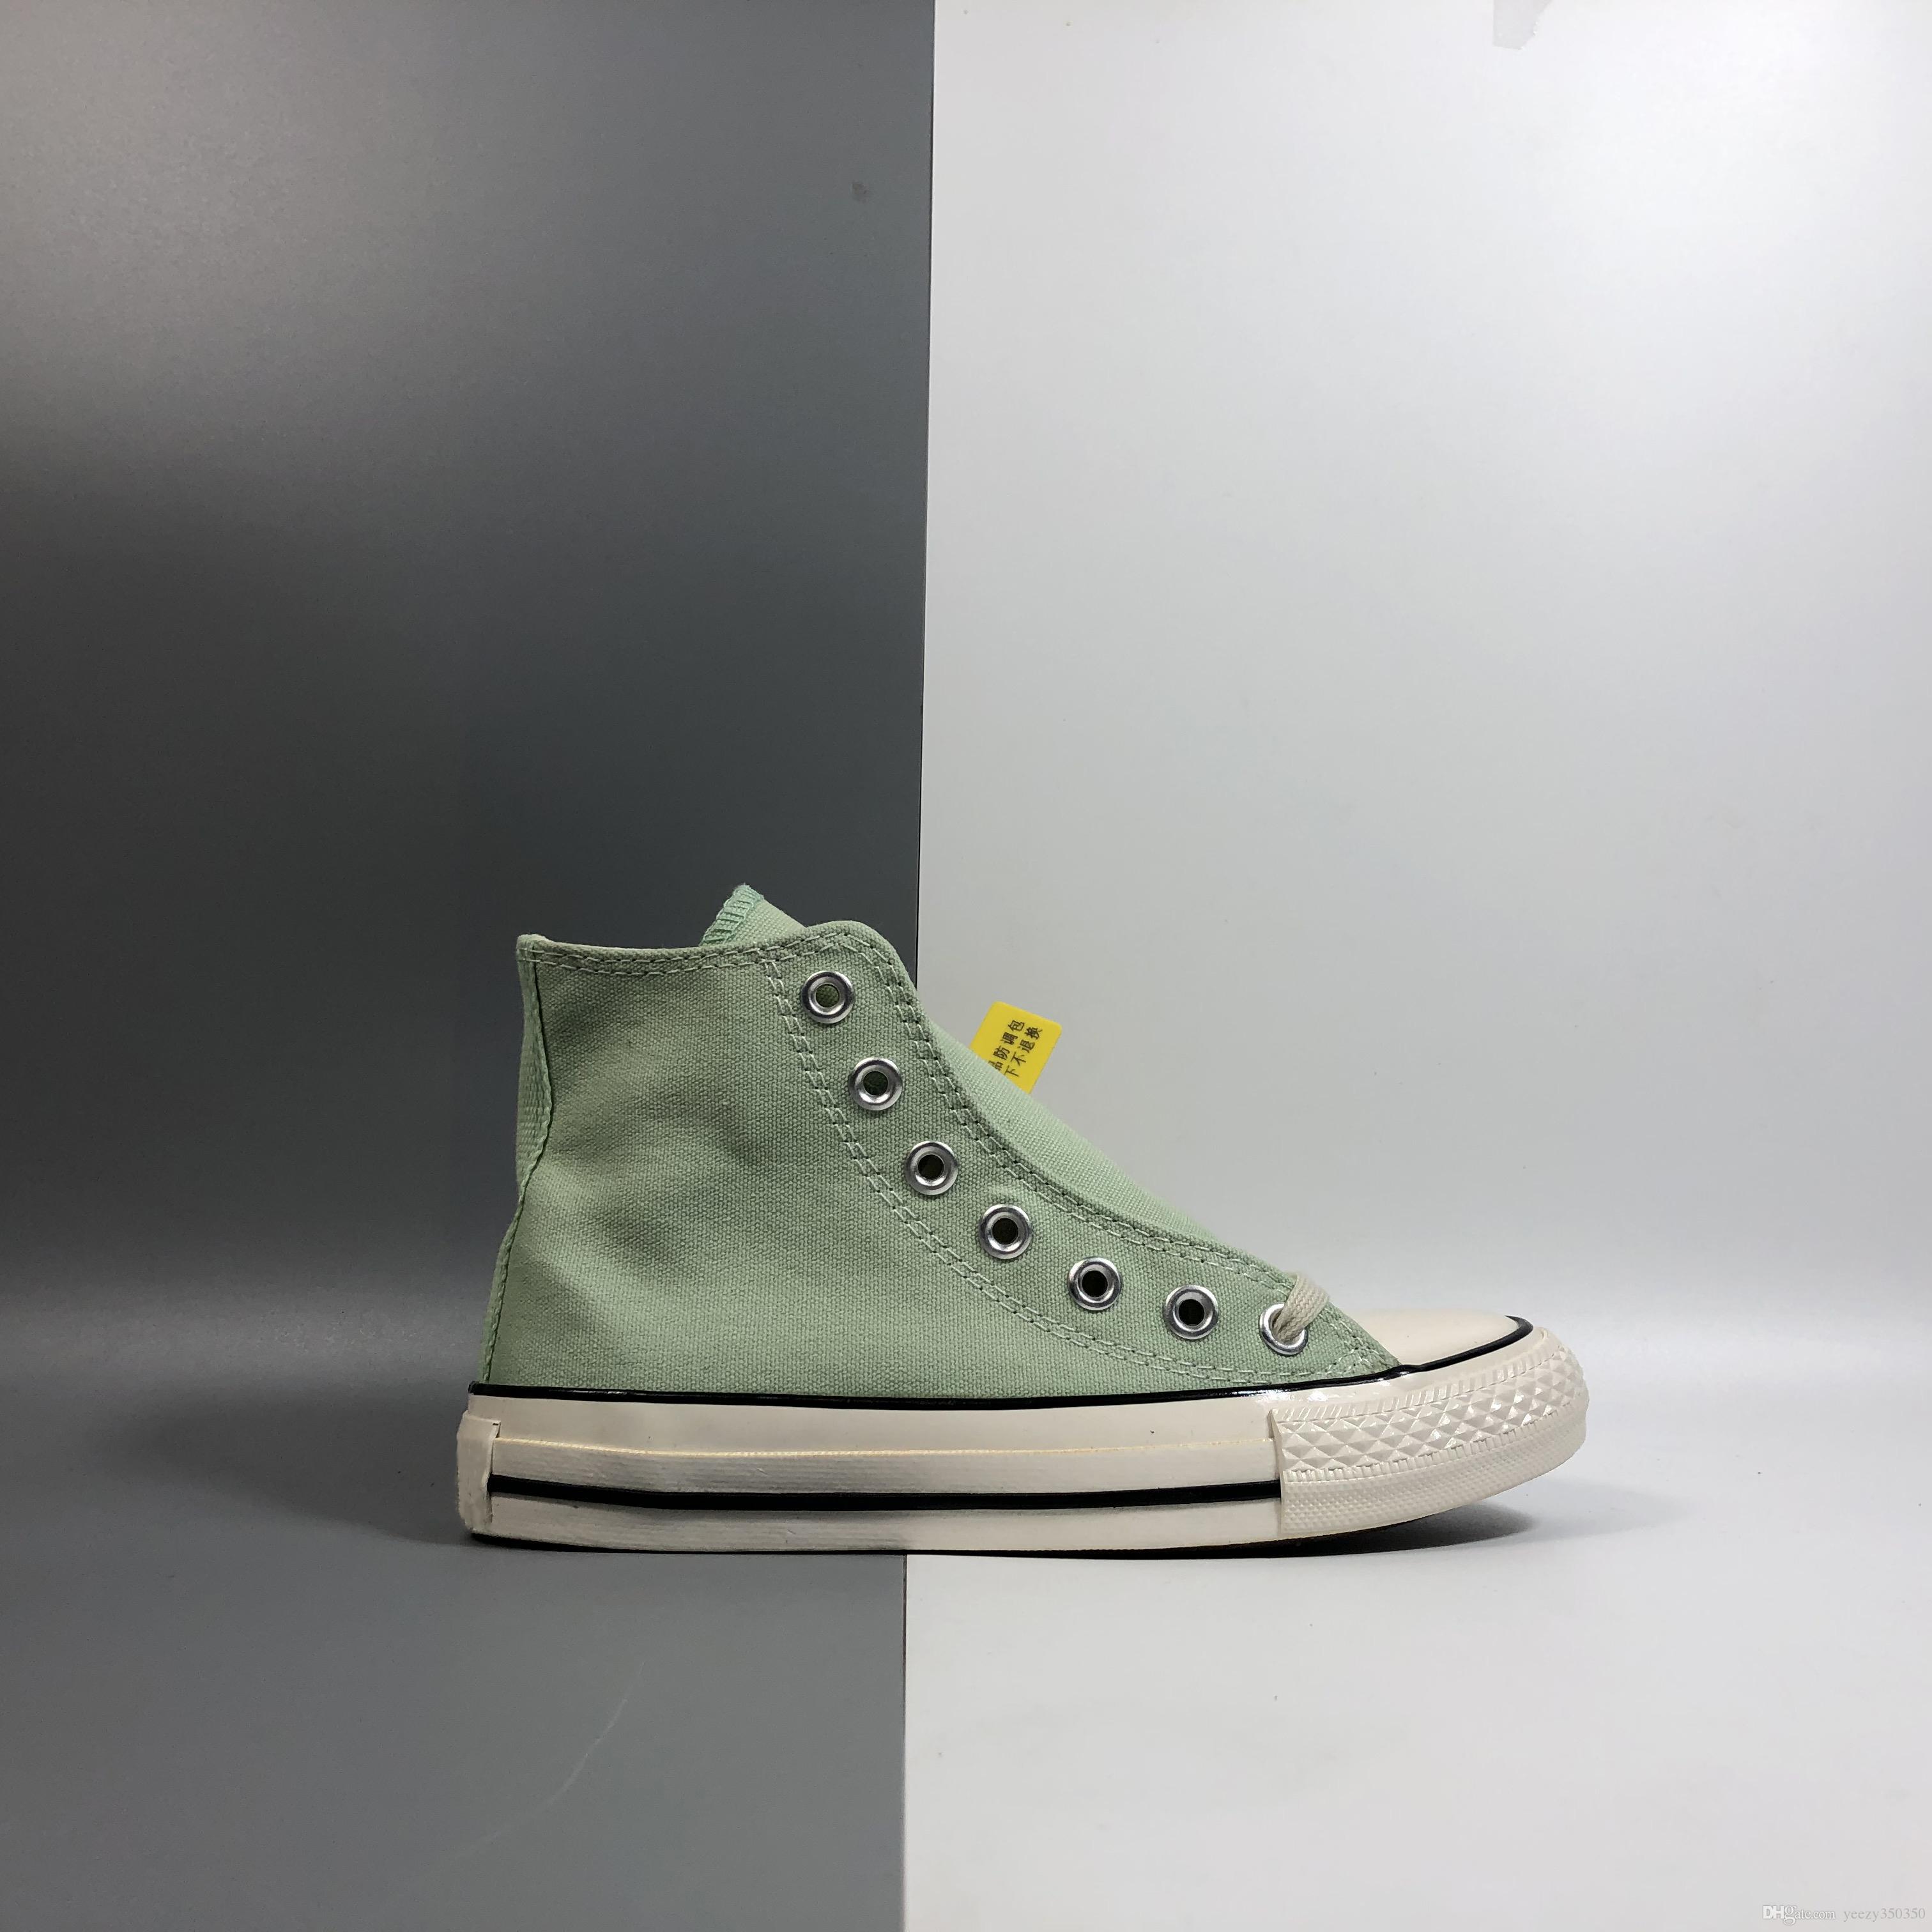 2020 nuevas ventas limitadas de ALL STAR HI localizar 18AW zapatillas de baloncesto se divierte para hombre zapatillas de deporte casuales de alta calidad tamaño 35-44 menta verde